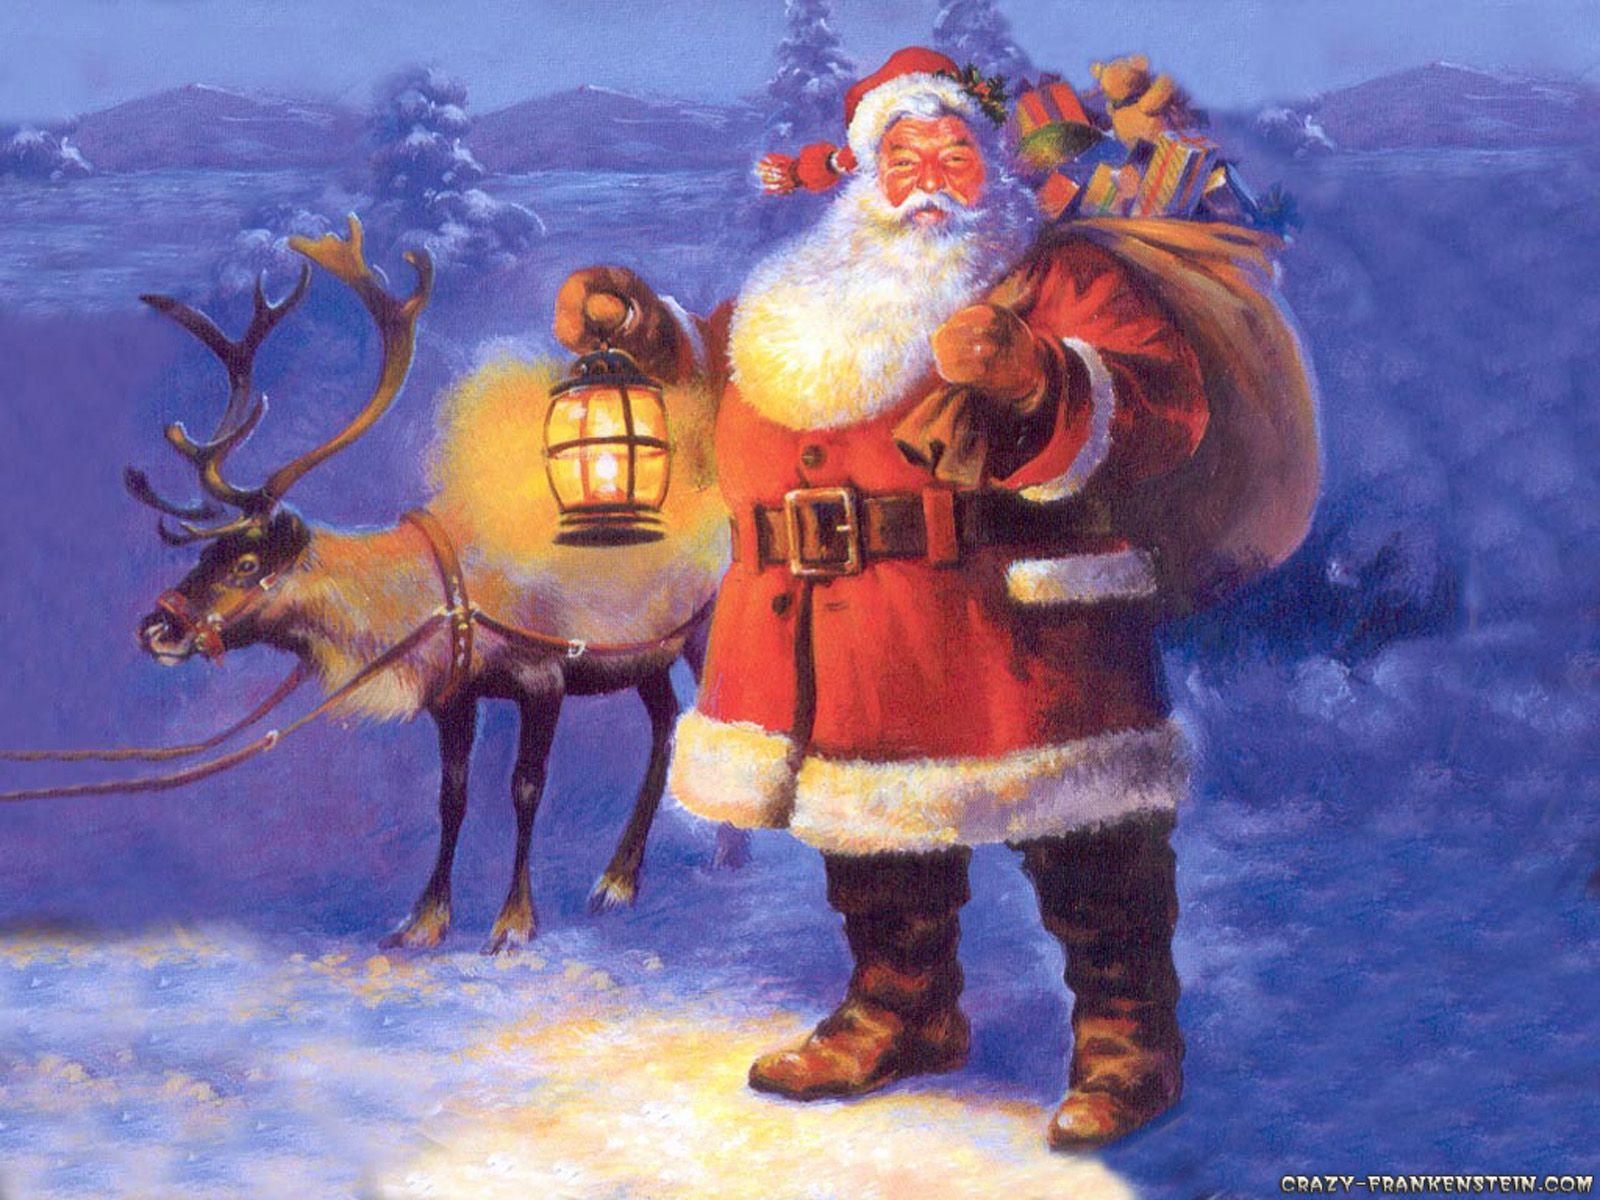 http://4.bp.blogspot.com/-fZHoA-WVMow/UKIX6W9a7YI/AAAAAAAAAos/Dbqm3h_xqKc/s1600/wallpaper+santa+claus1-assignment-x.blogspot.com-the-great-santa-claus_4197_1600x1200.jpg